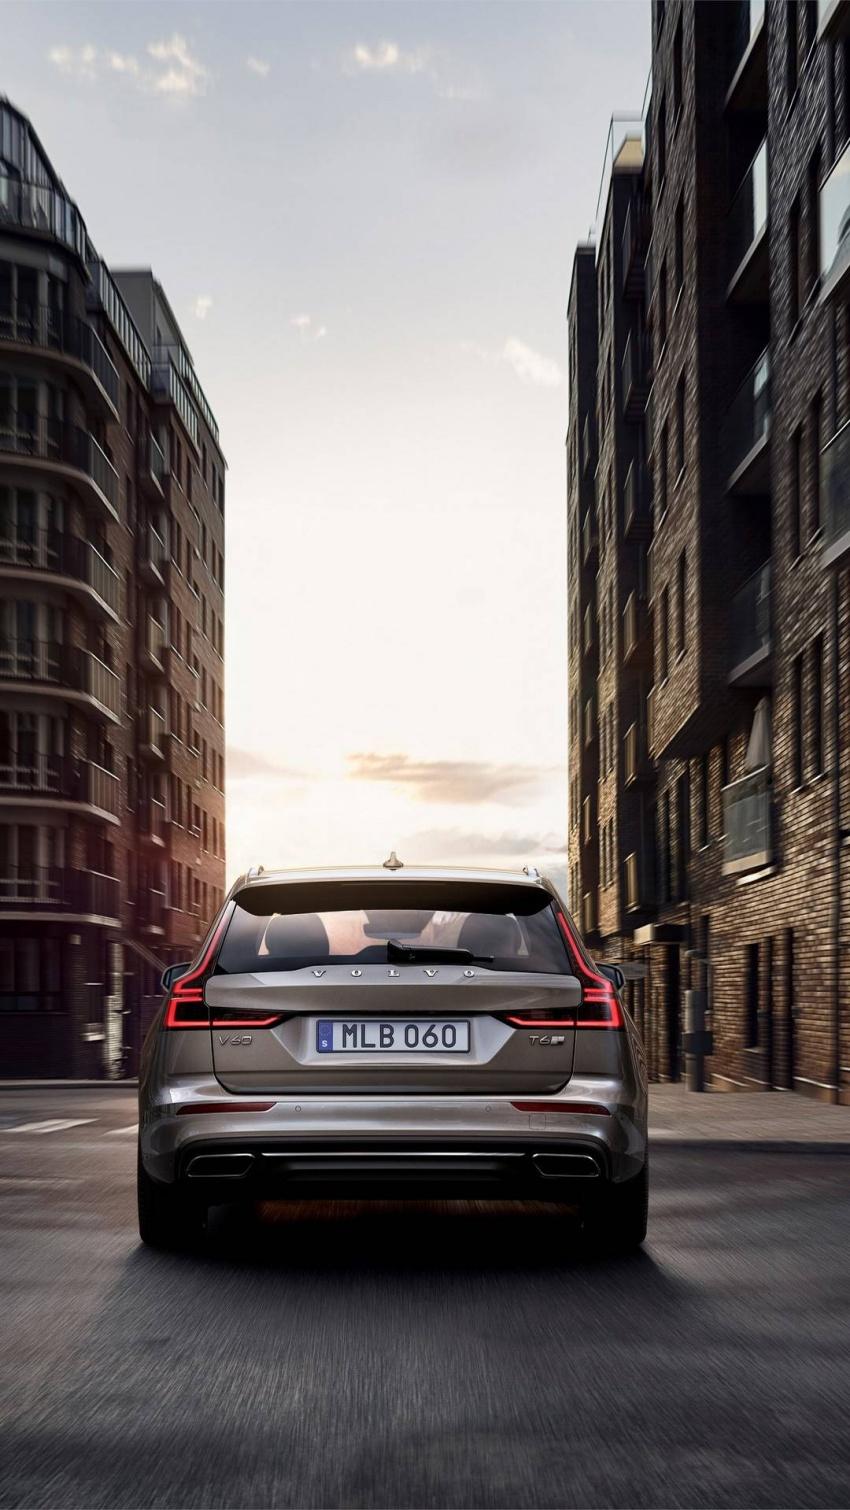 Volvo V60 generasi baharu didedahkan secara rasmi – turut tampil pilihan hibrid <em>plug-in</em> T6 Twin Engine Image #781510